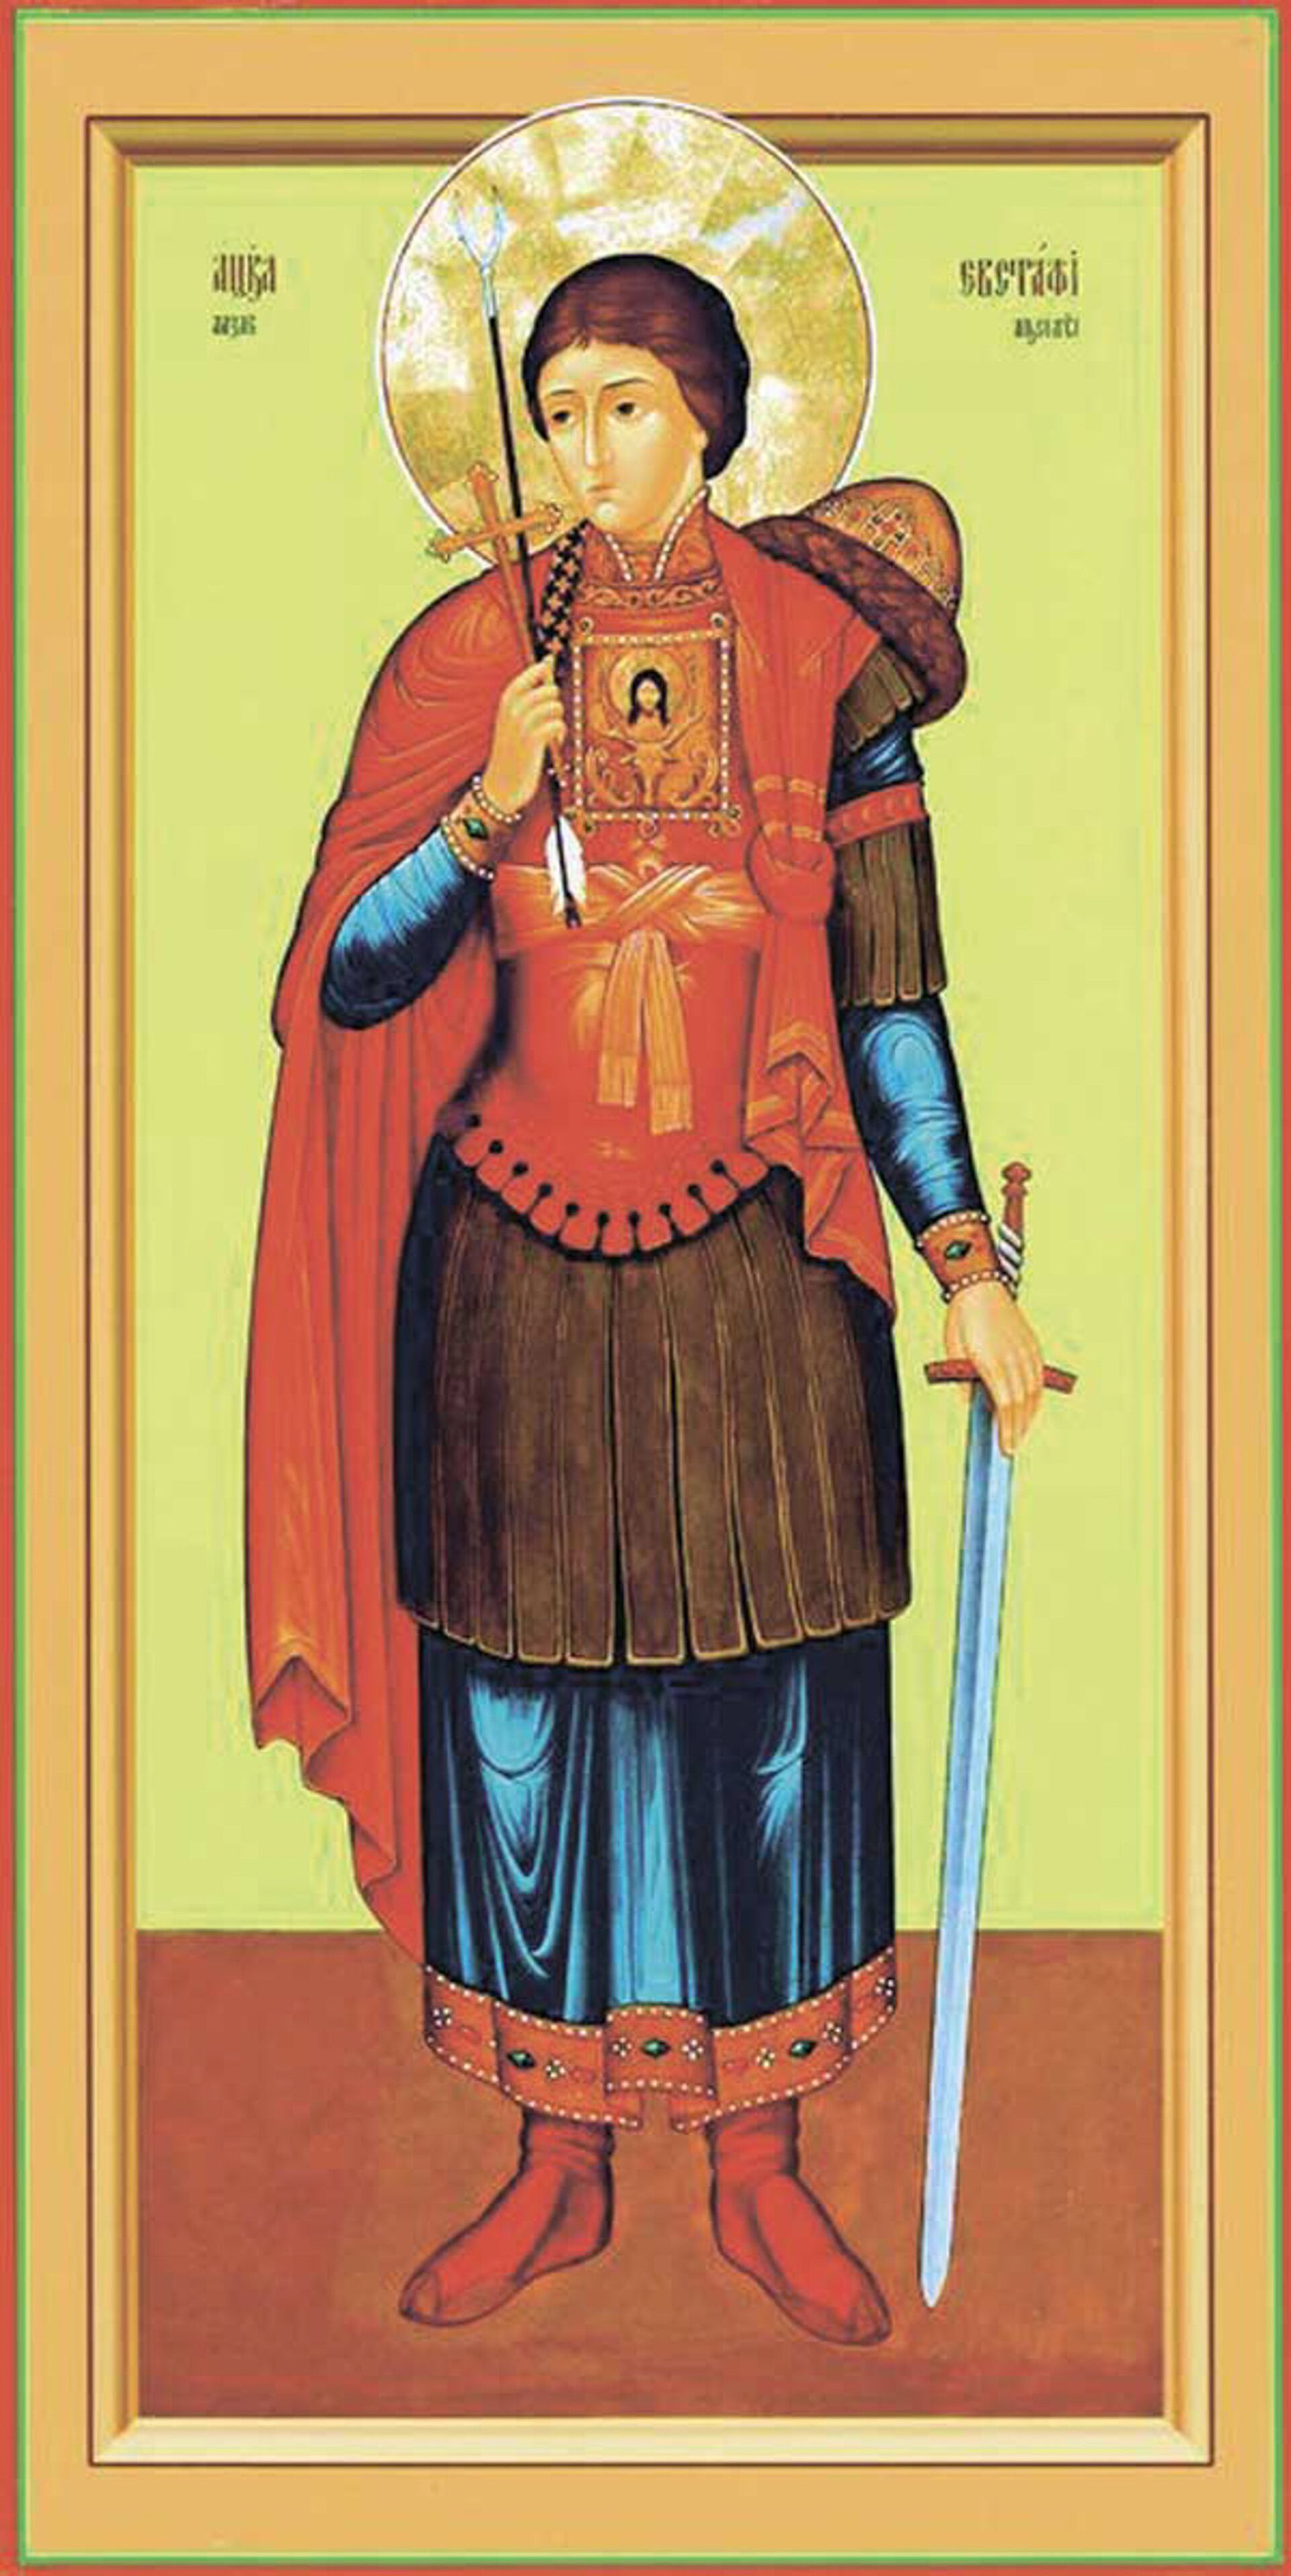 Святой мученик Евстафий Апсильский - Sputnik Абхазия, 1920, 12.10.2021